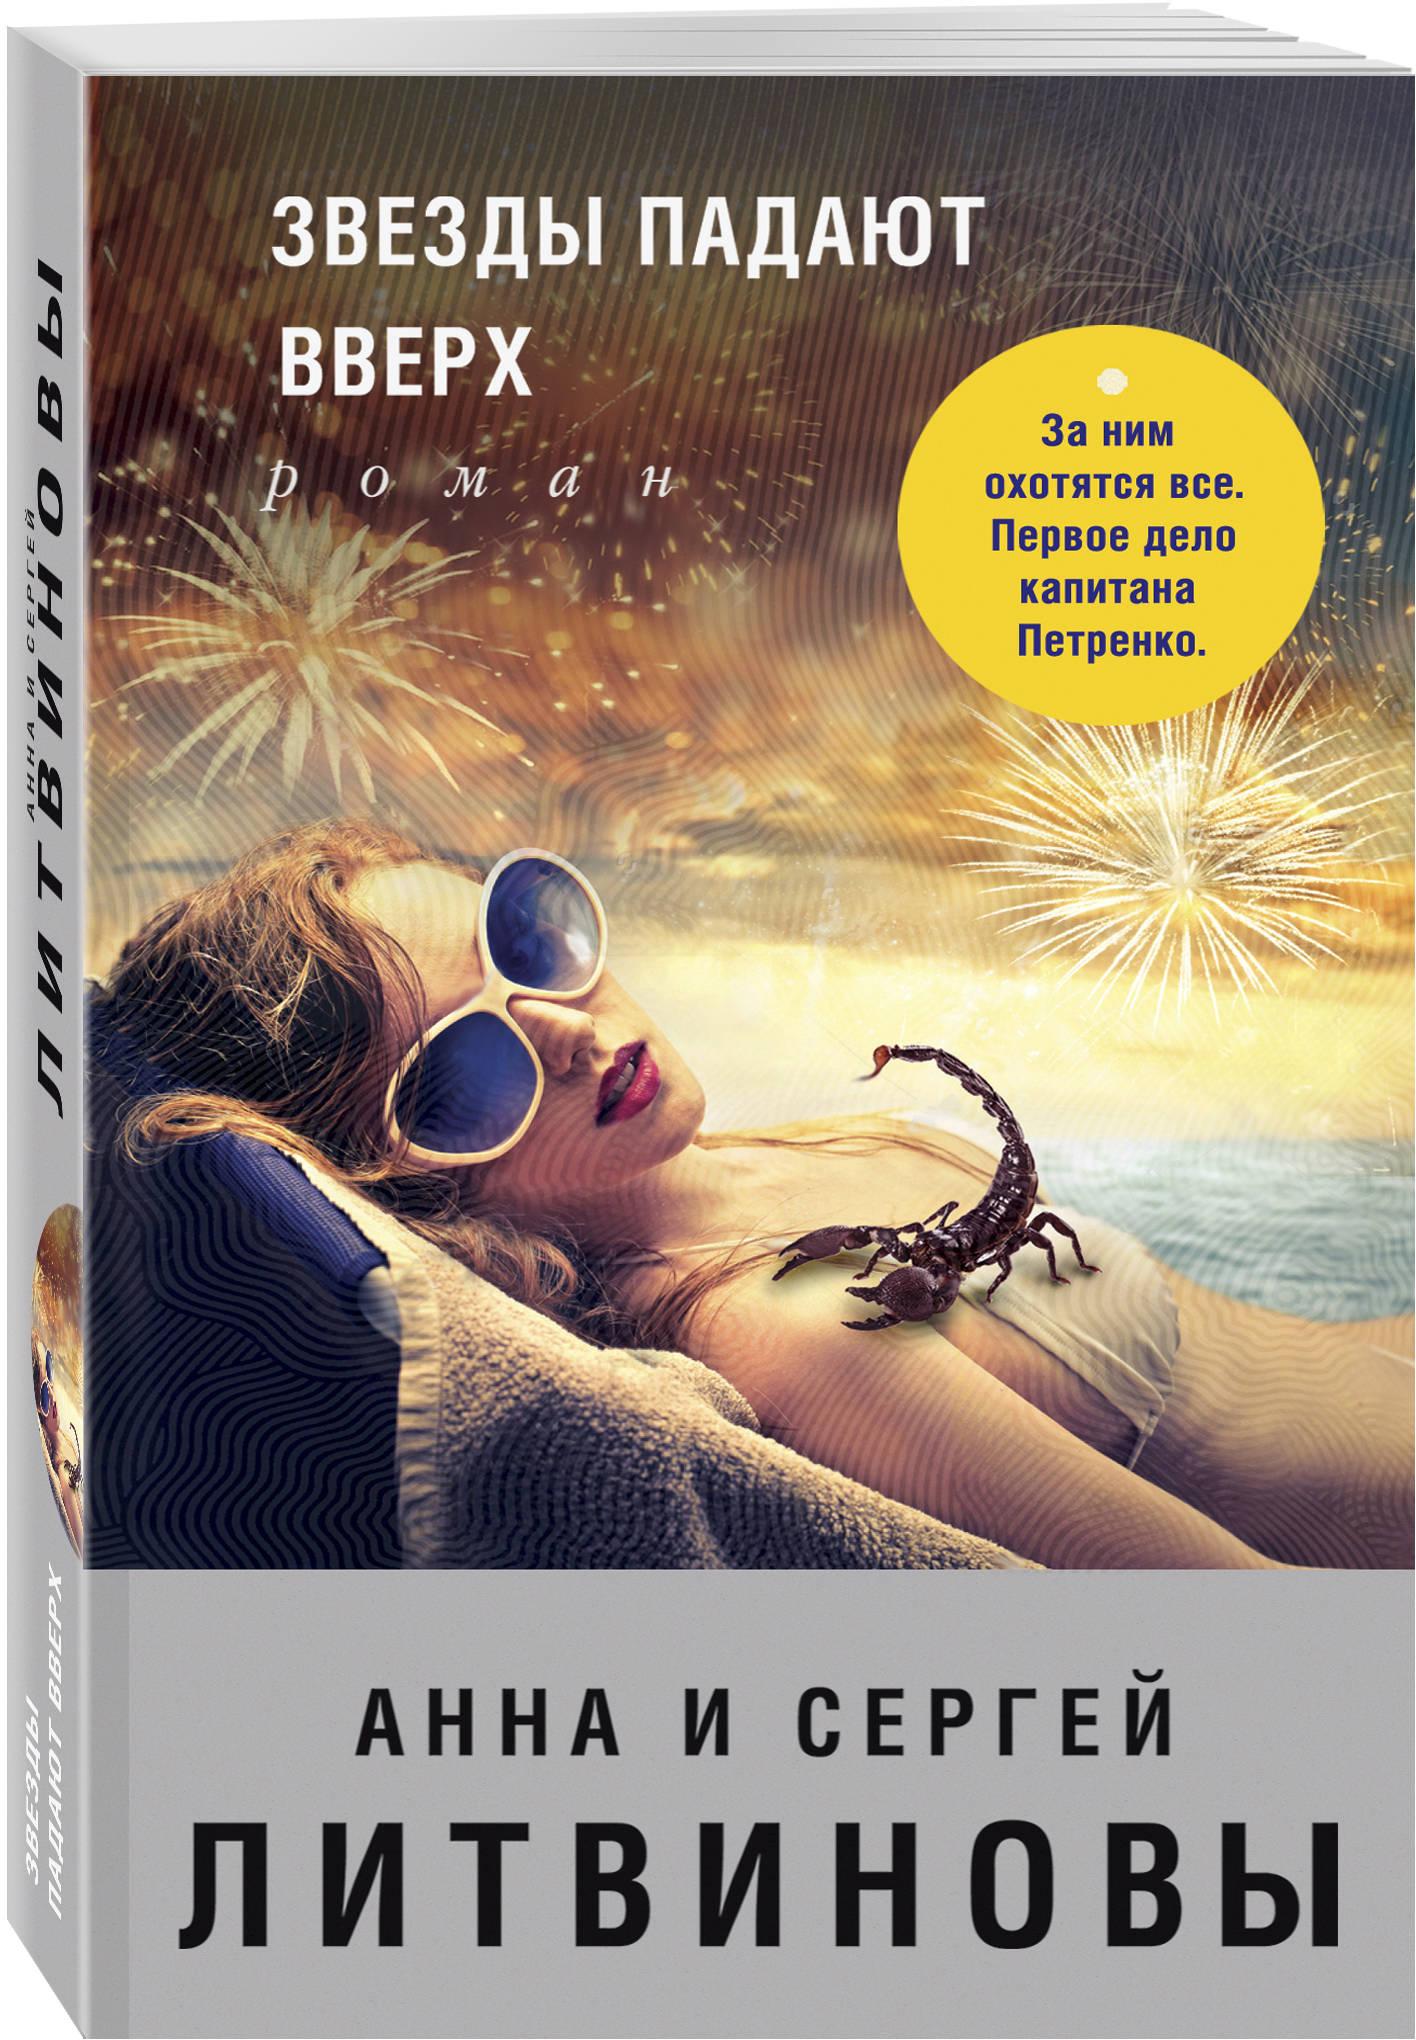 Анна и Сергей Литвиновы Звезды падают вверх